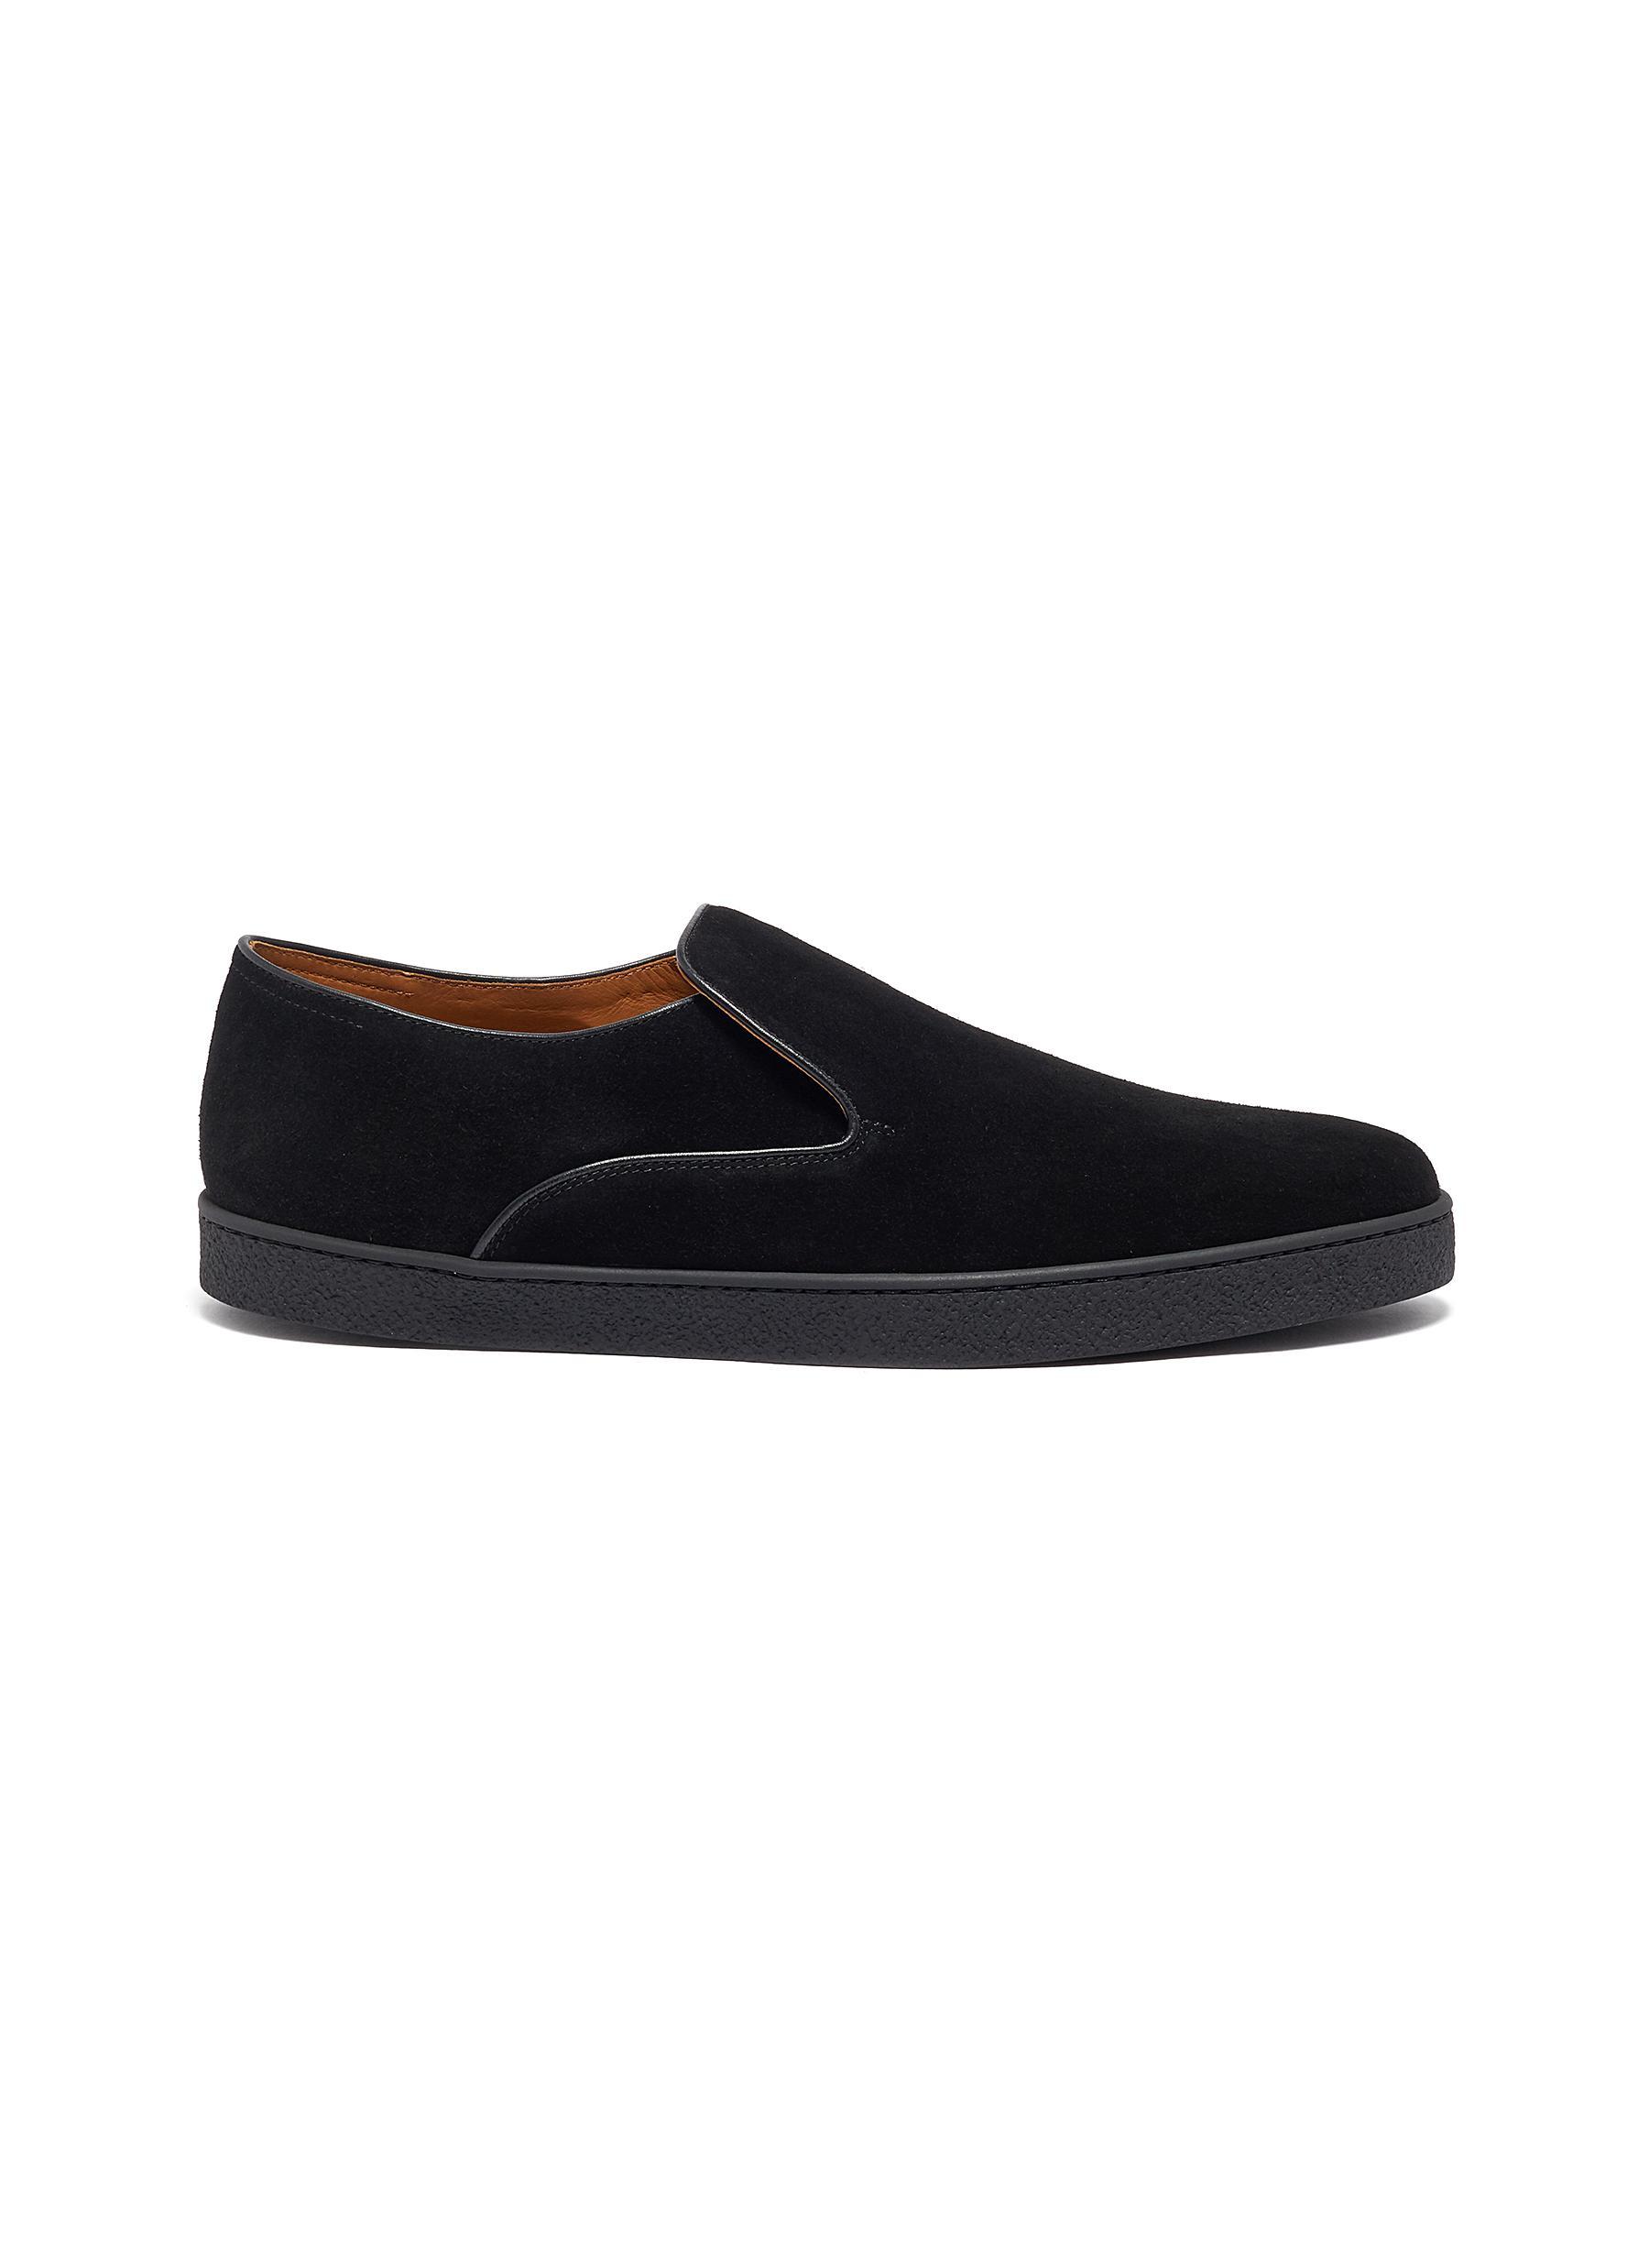 john lobb sneakers